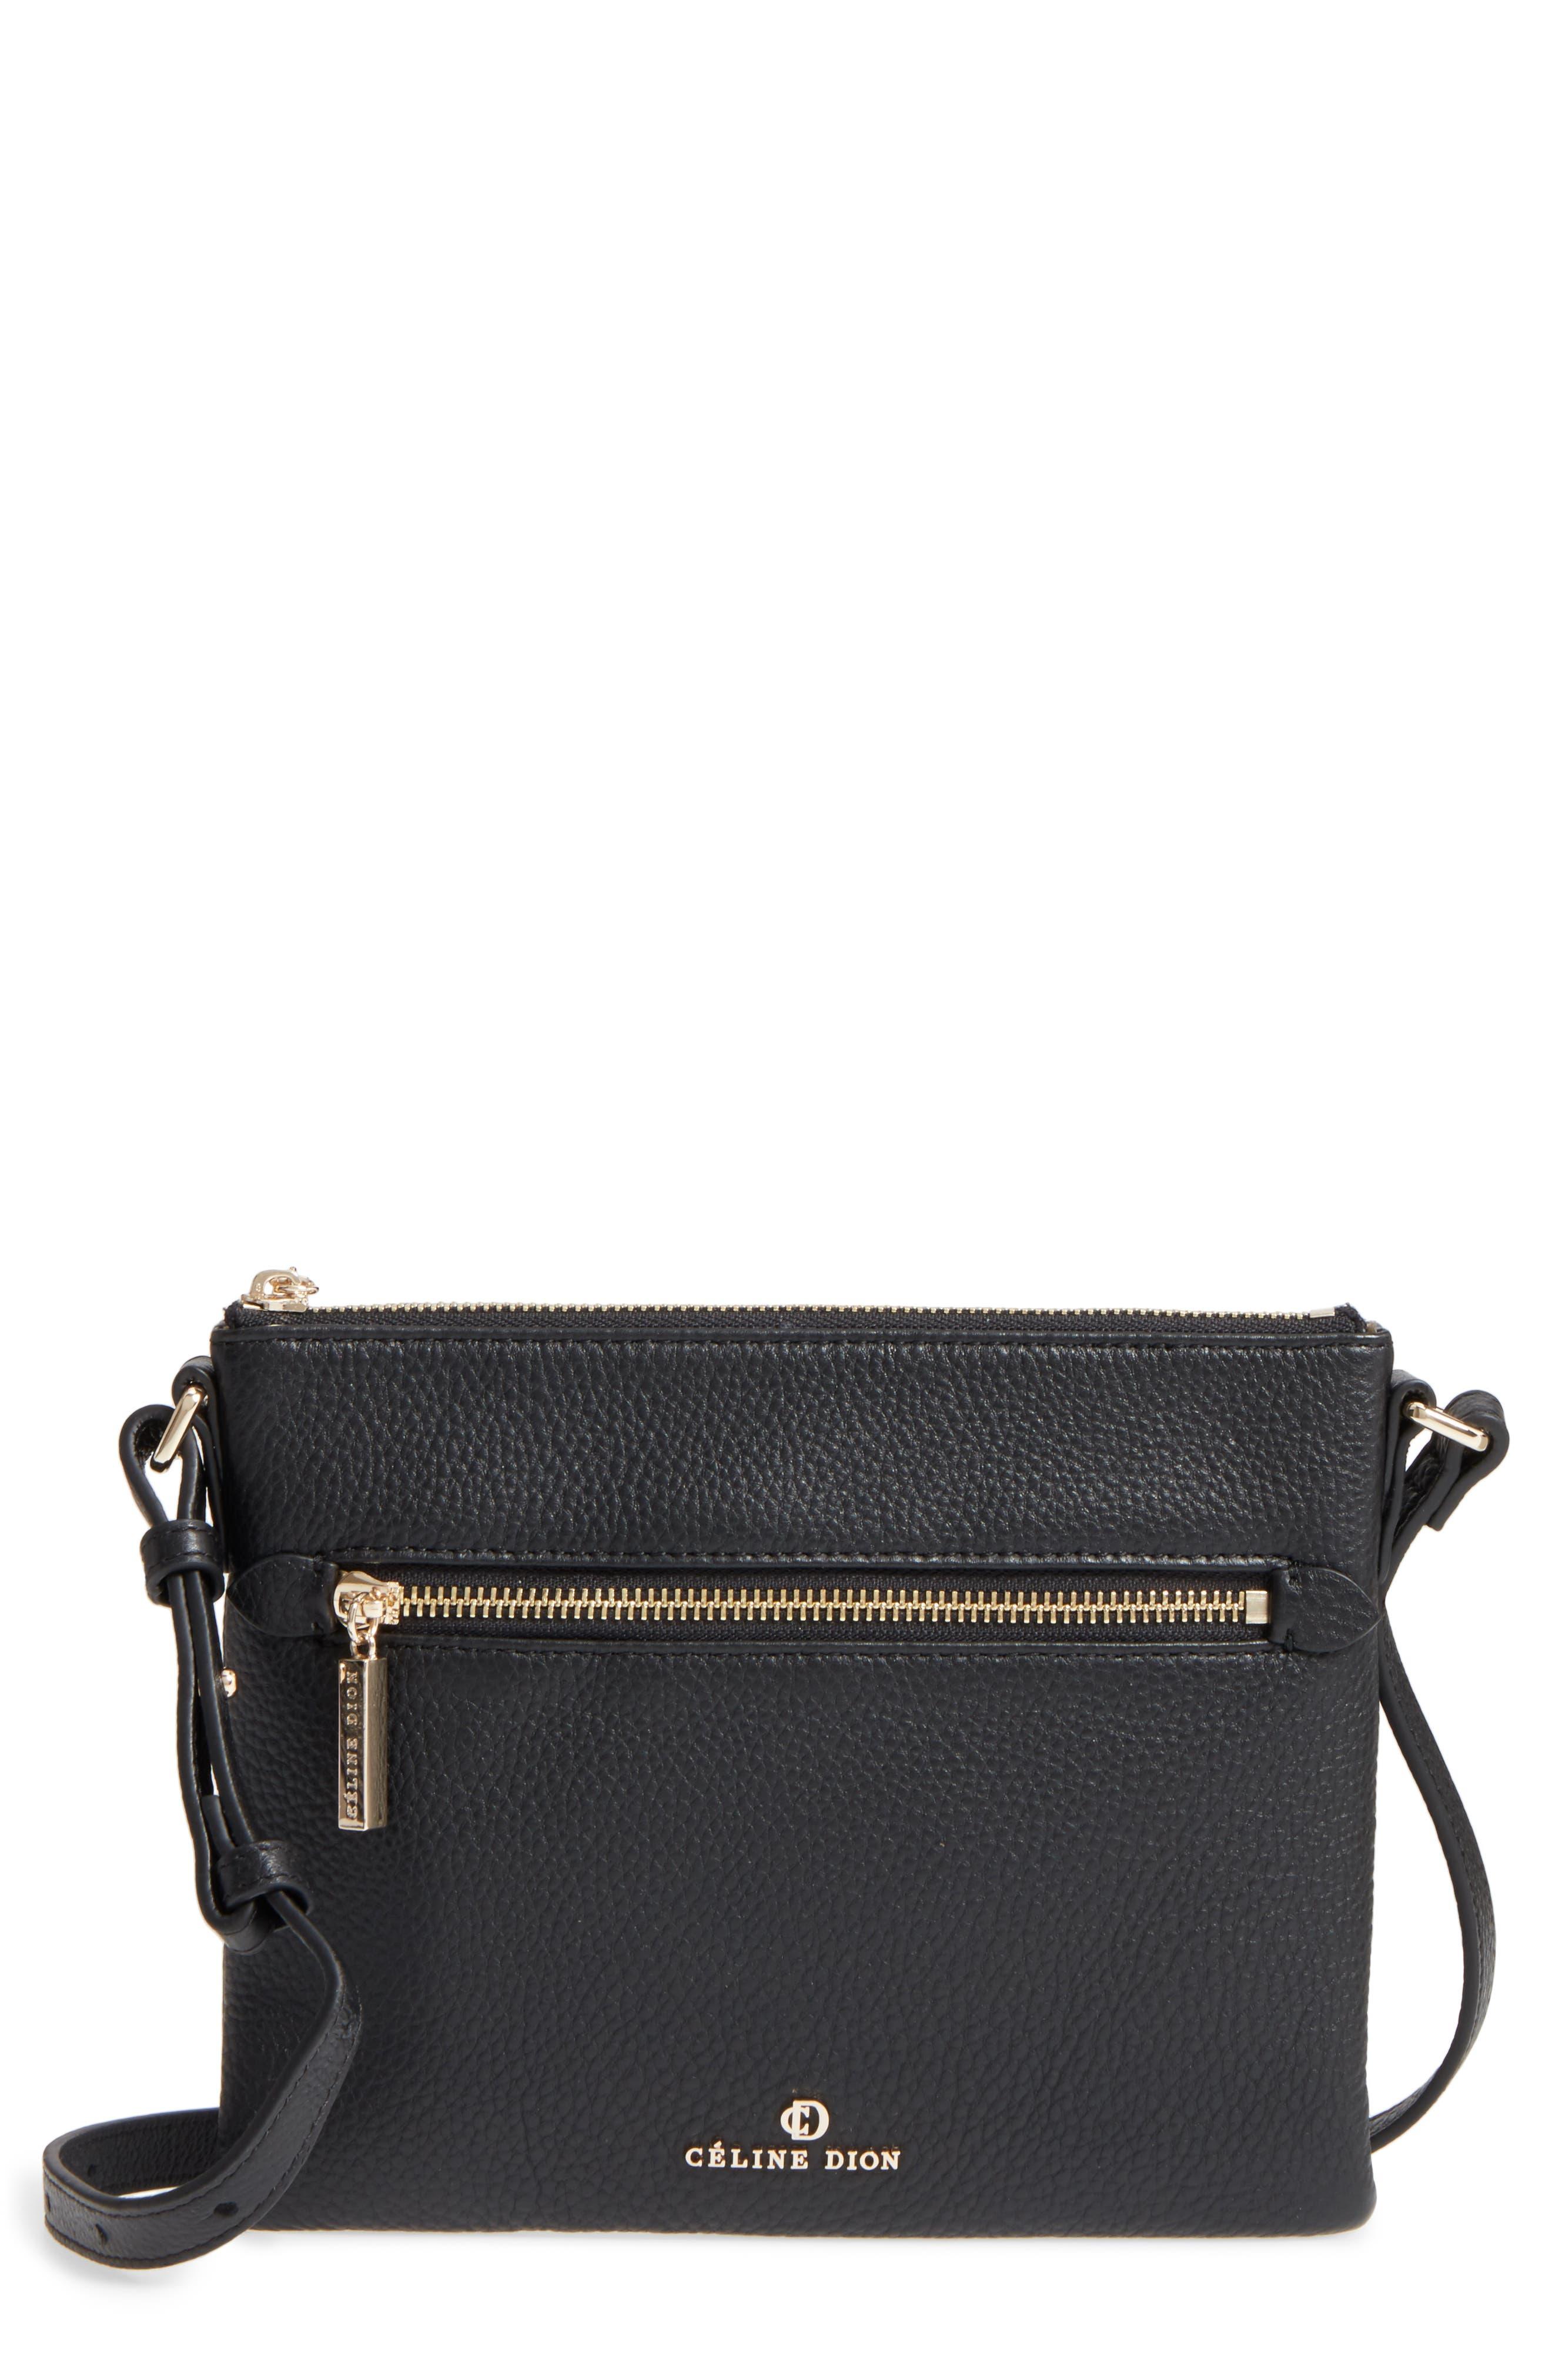 Céline Dion Adagio Leather Crossbody Bag,                             Main thumbnail 1, color,                             001